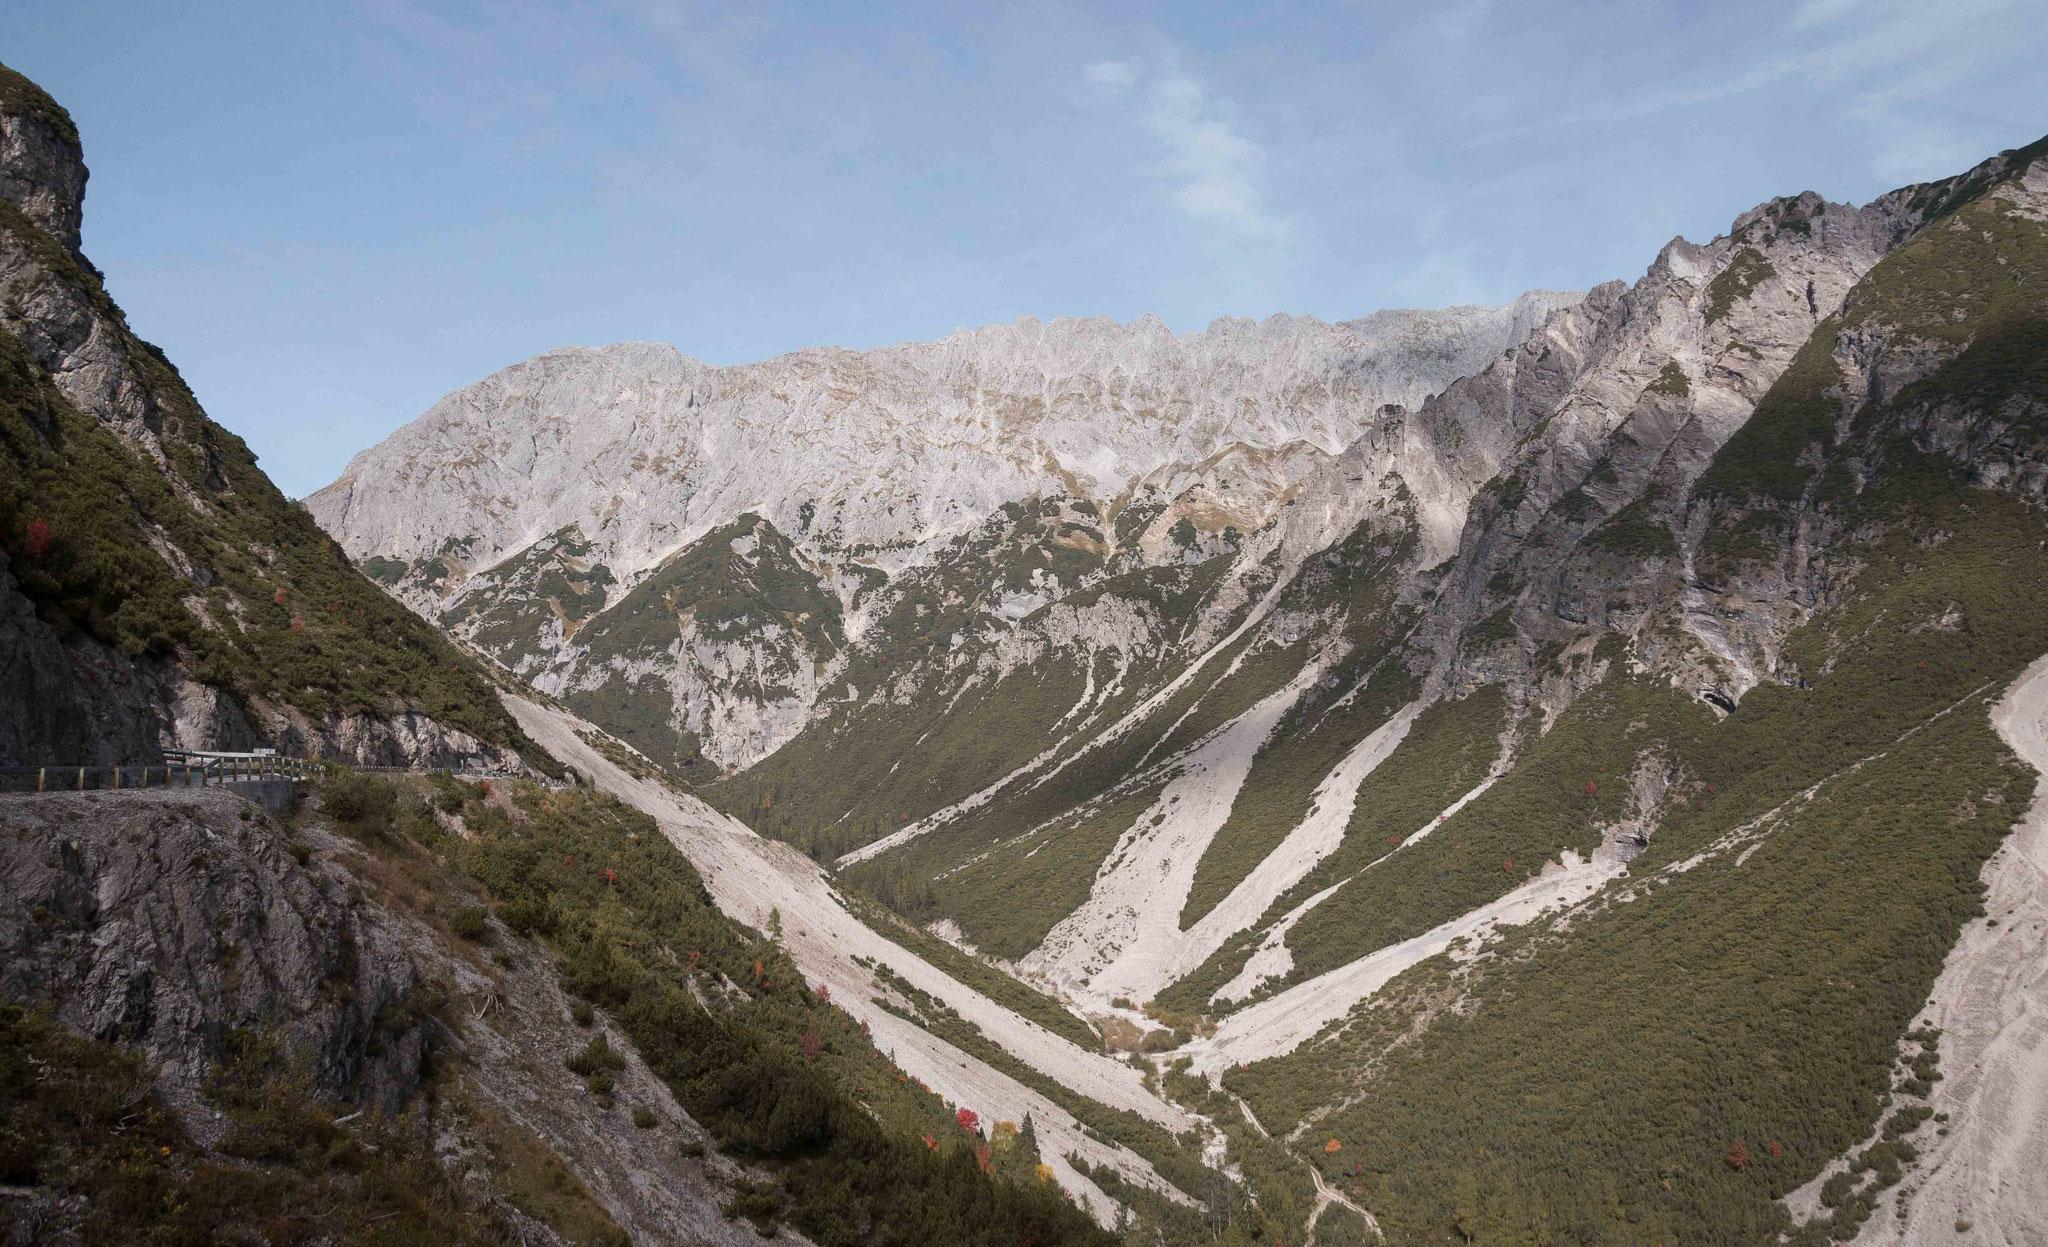 Fels Massiv in den Bergen; Innsbruck